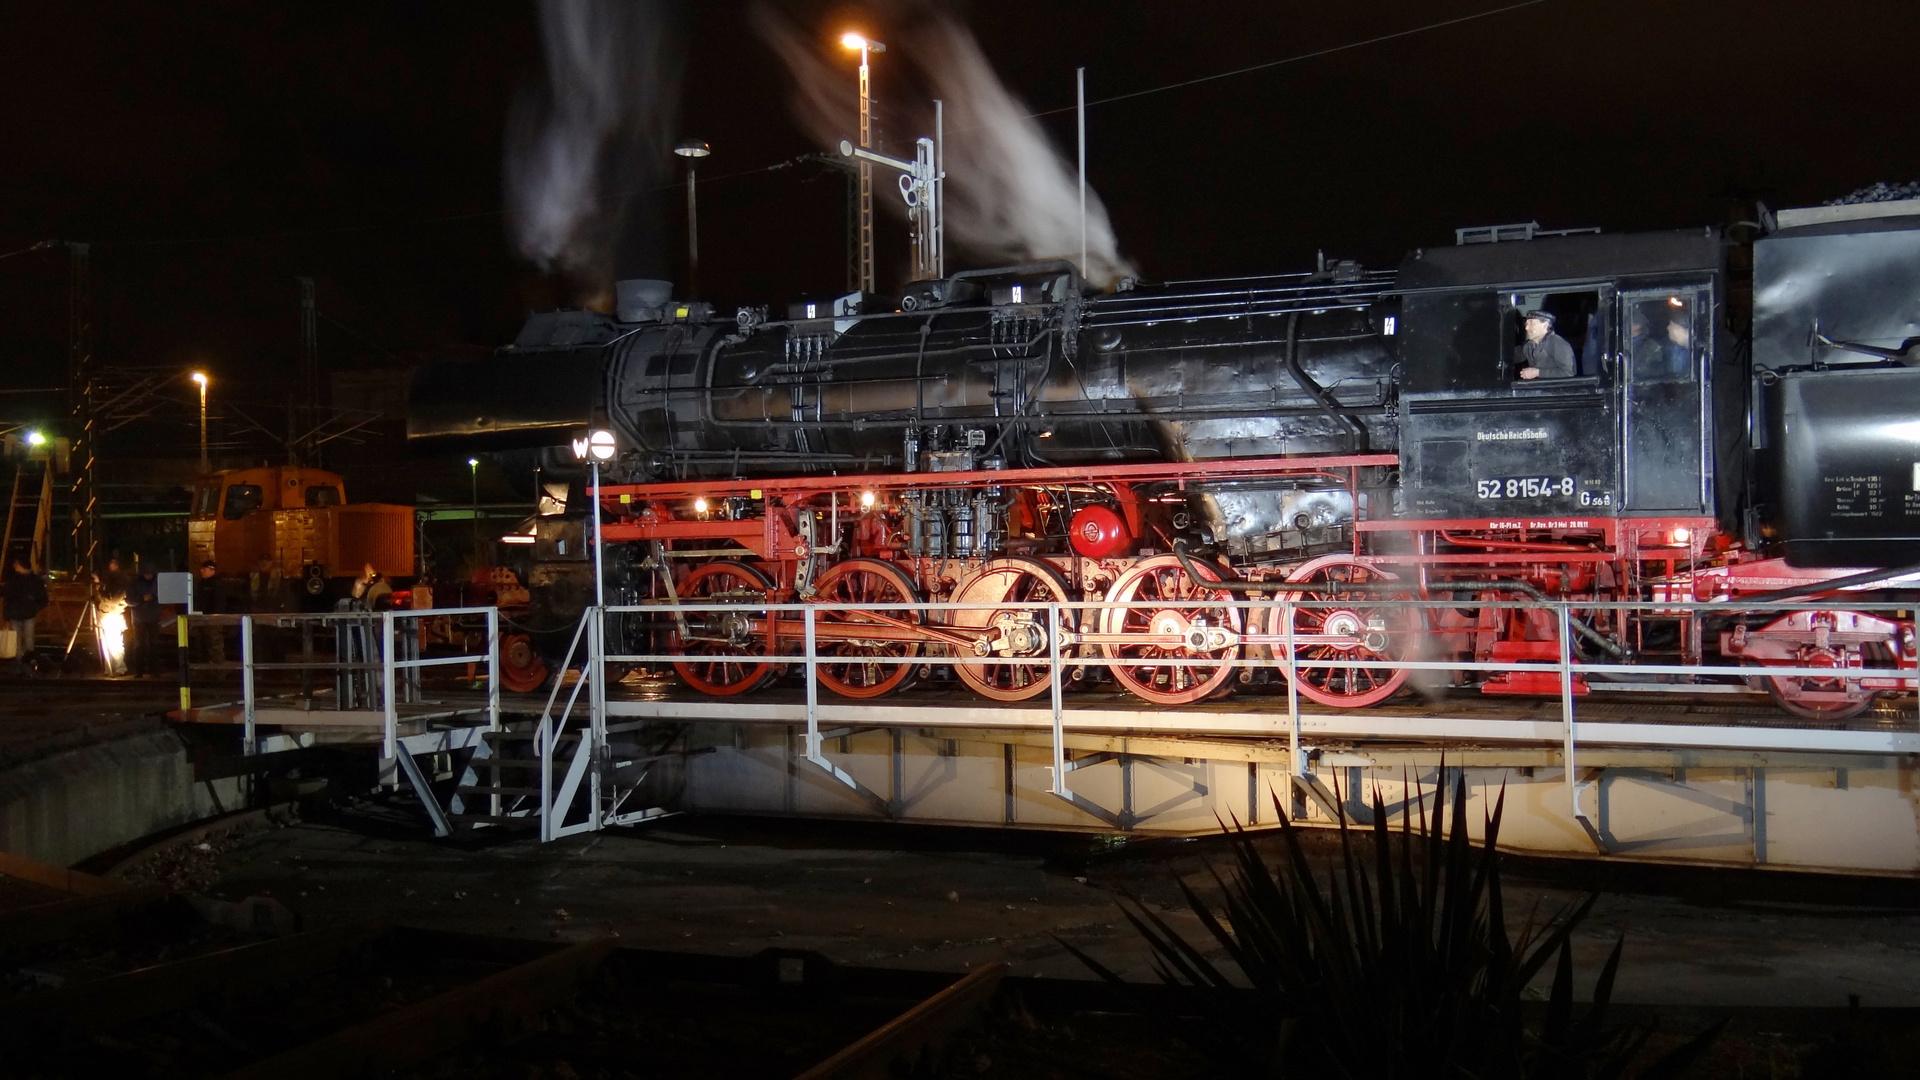 Dampflok der DRB bei Nachtausfahrt